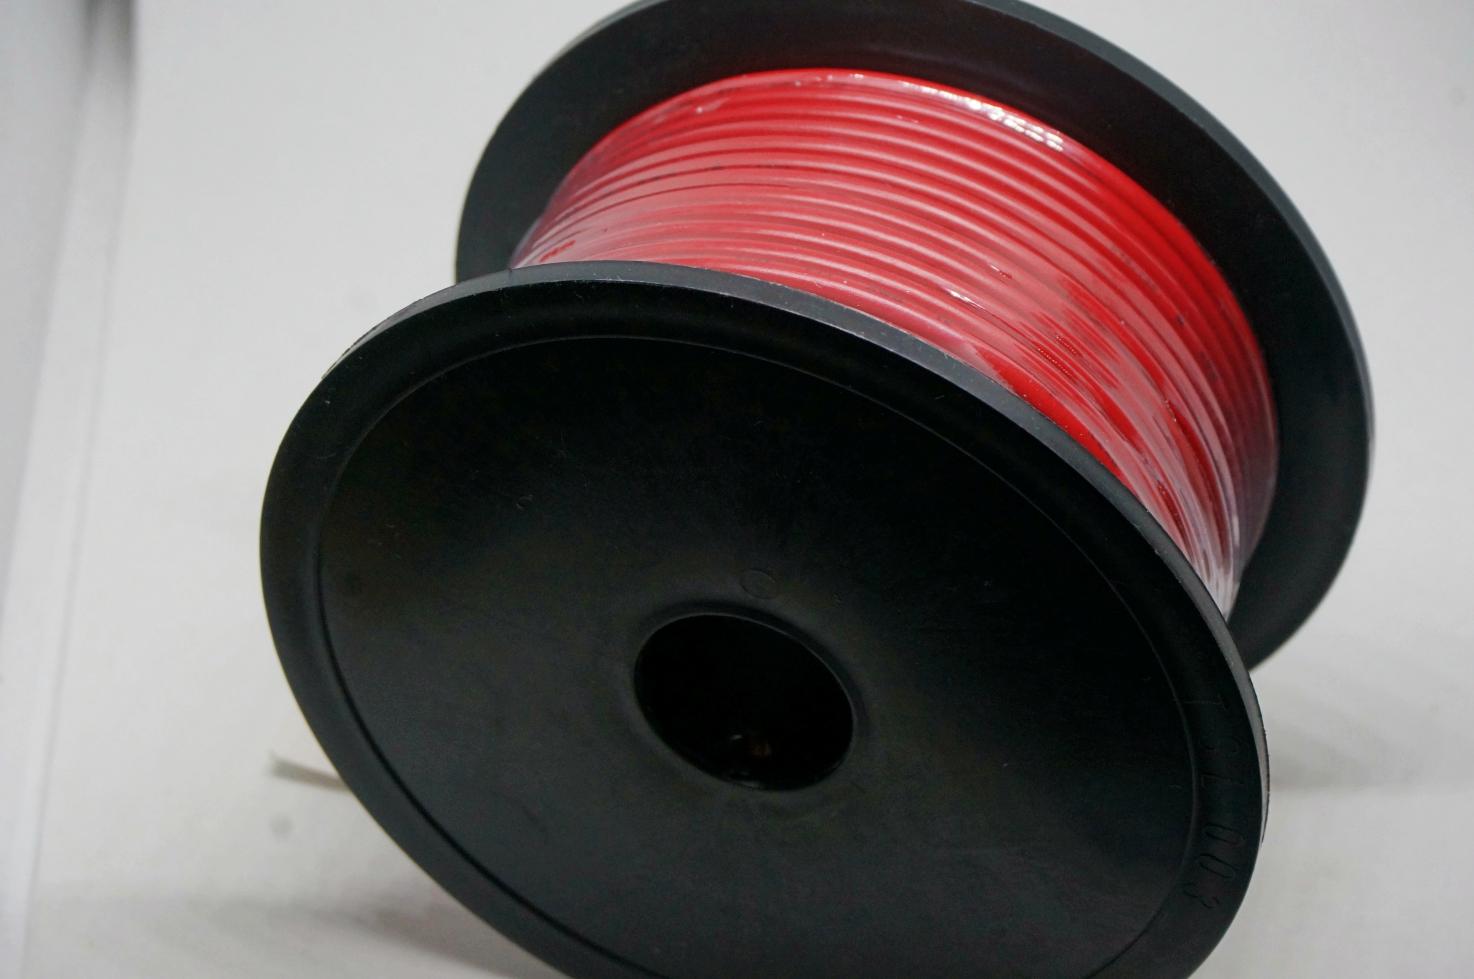 สายไฟสีแดง AWG16 (30m)